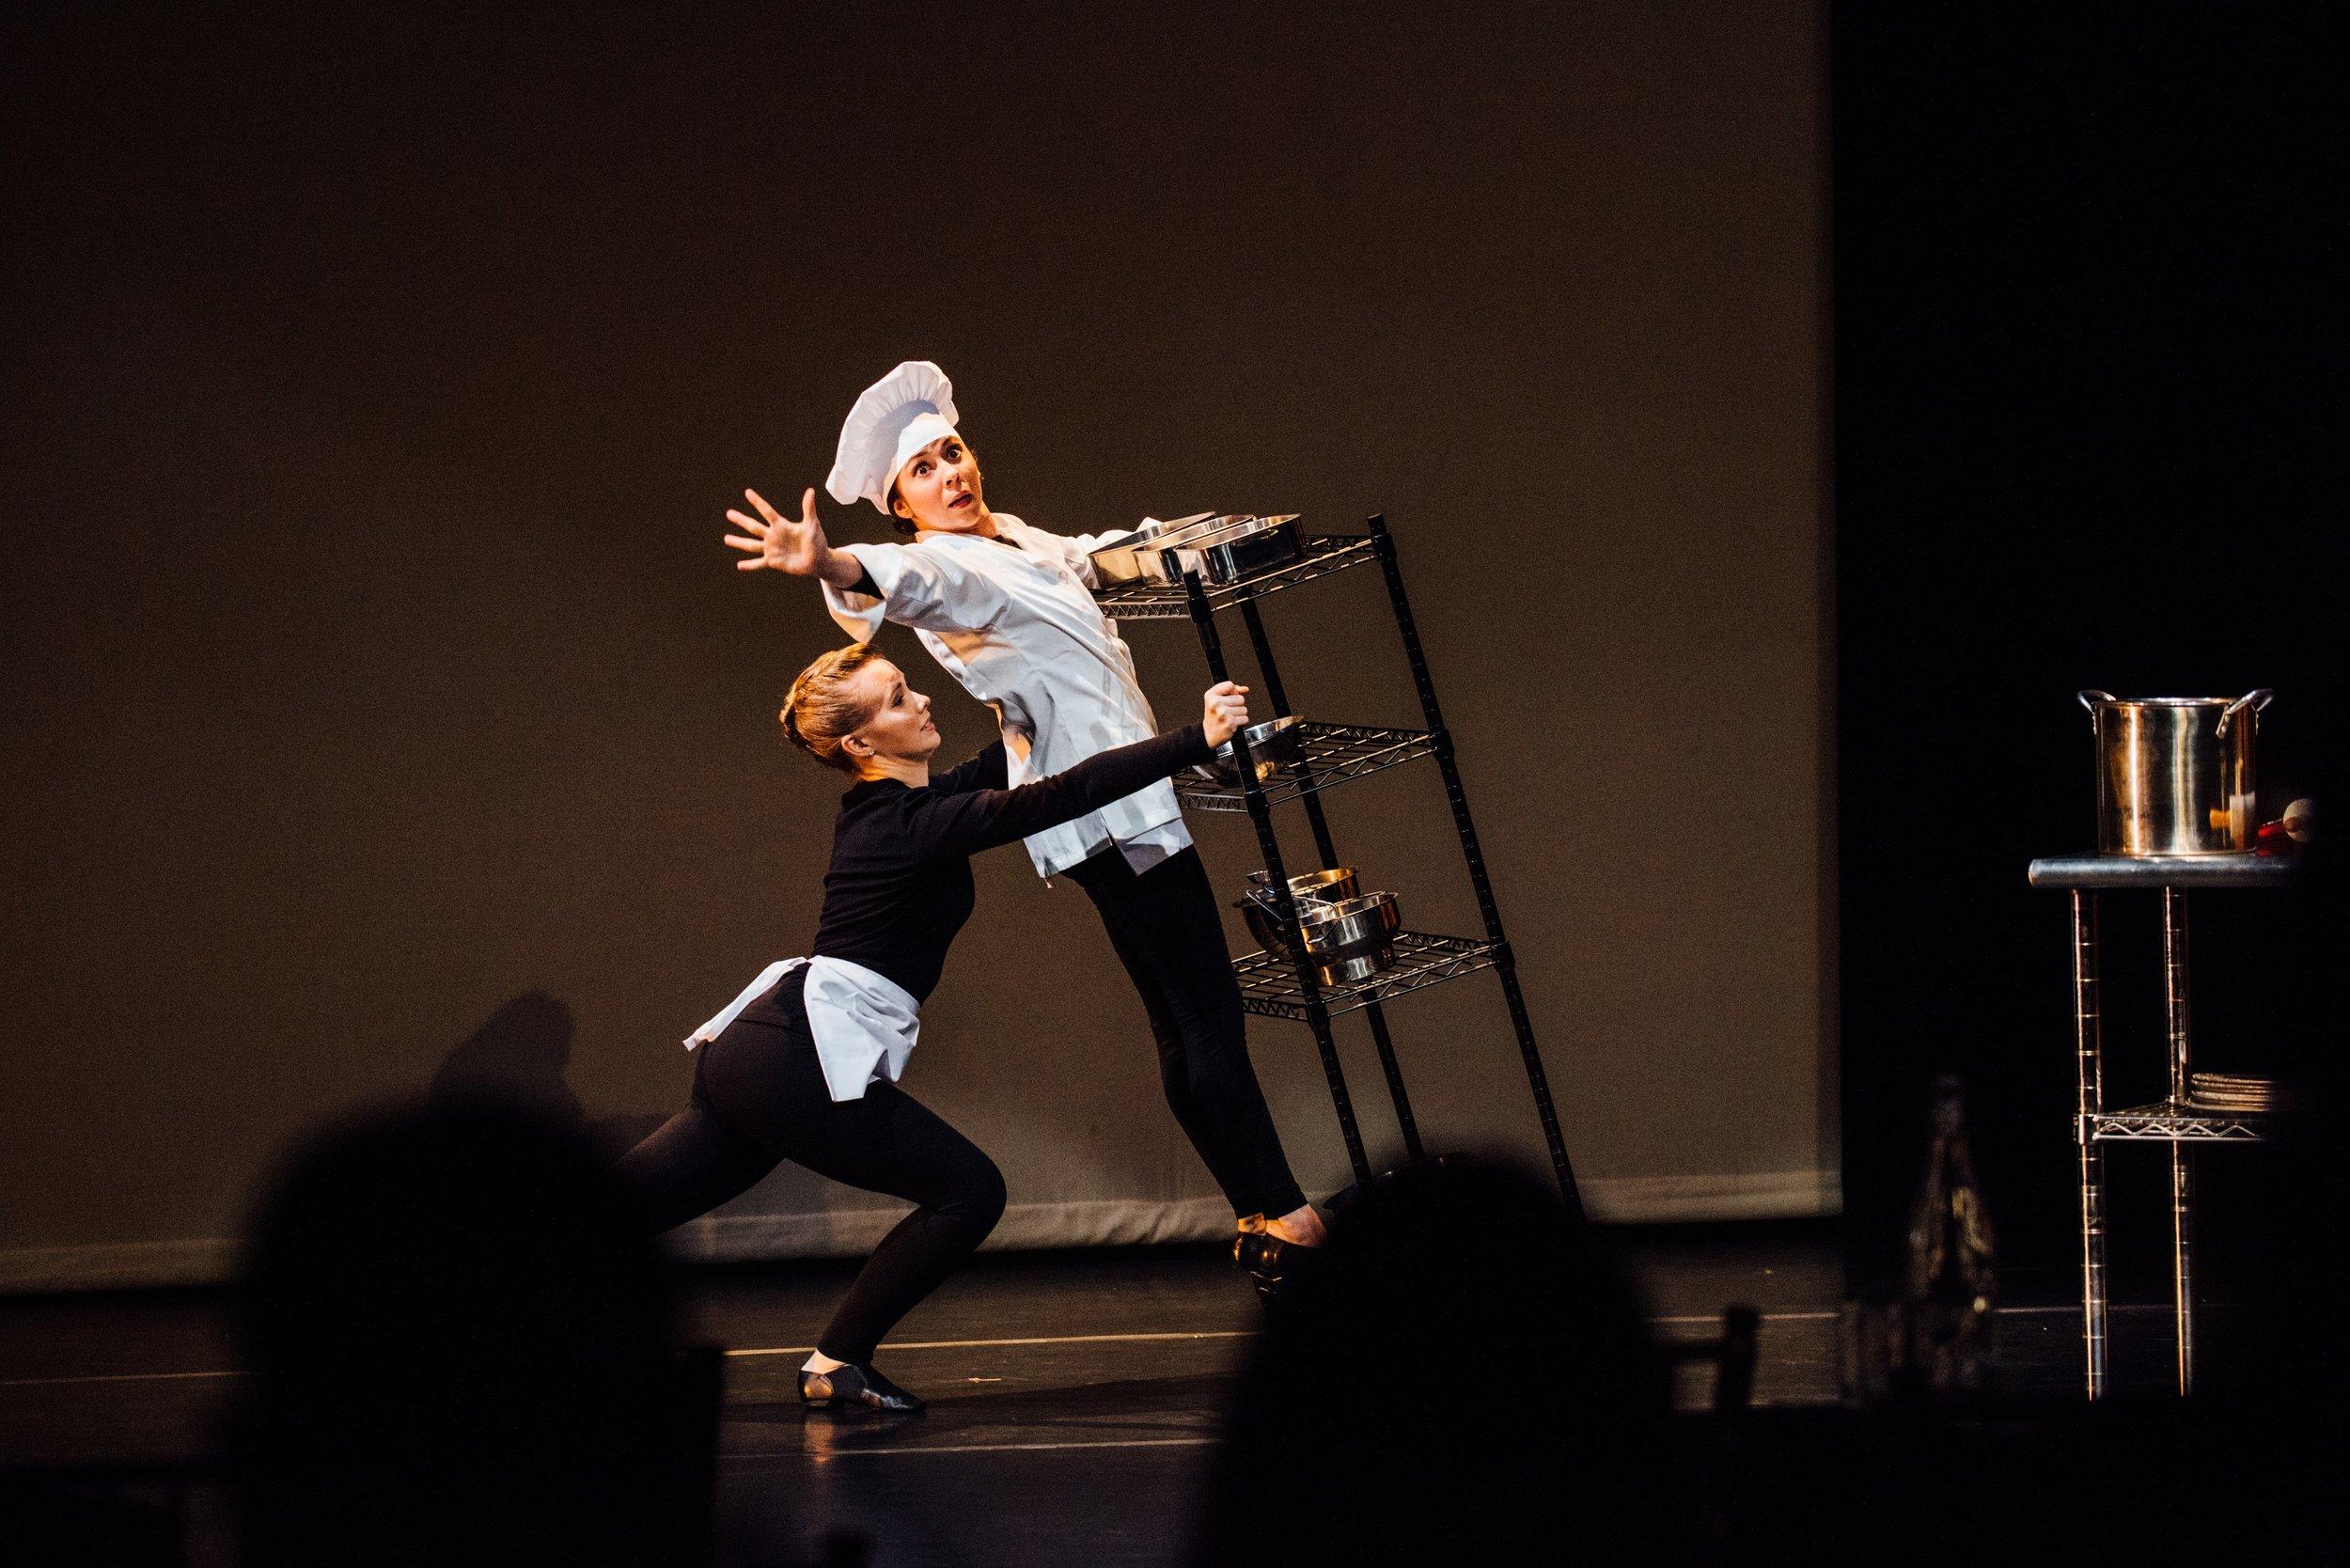 Hangry- Choreographer: Gina Hanchey - Part of STIR (2017) - photo credit Joe Vidrine